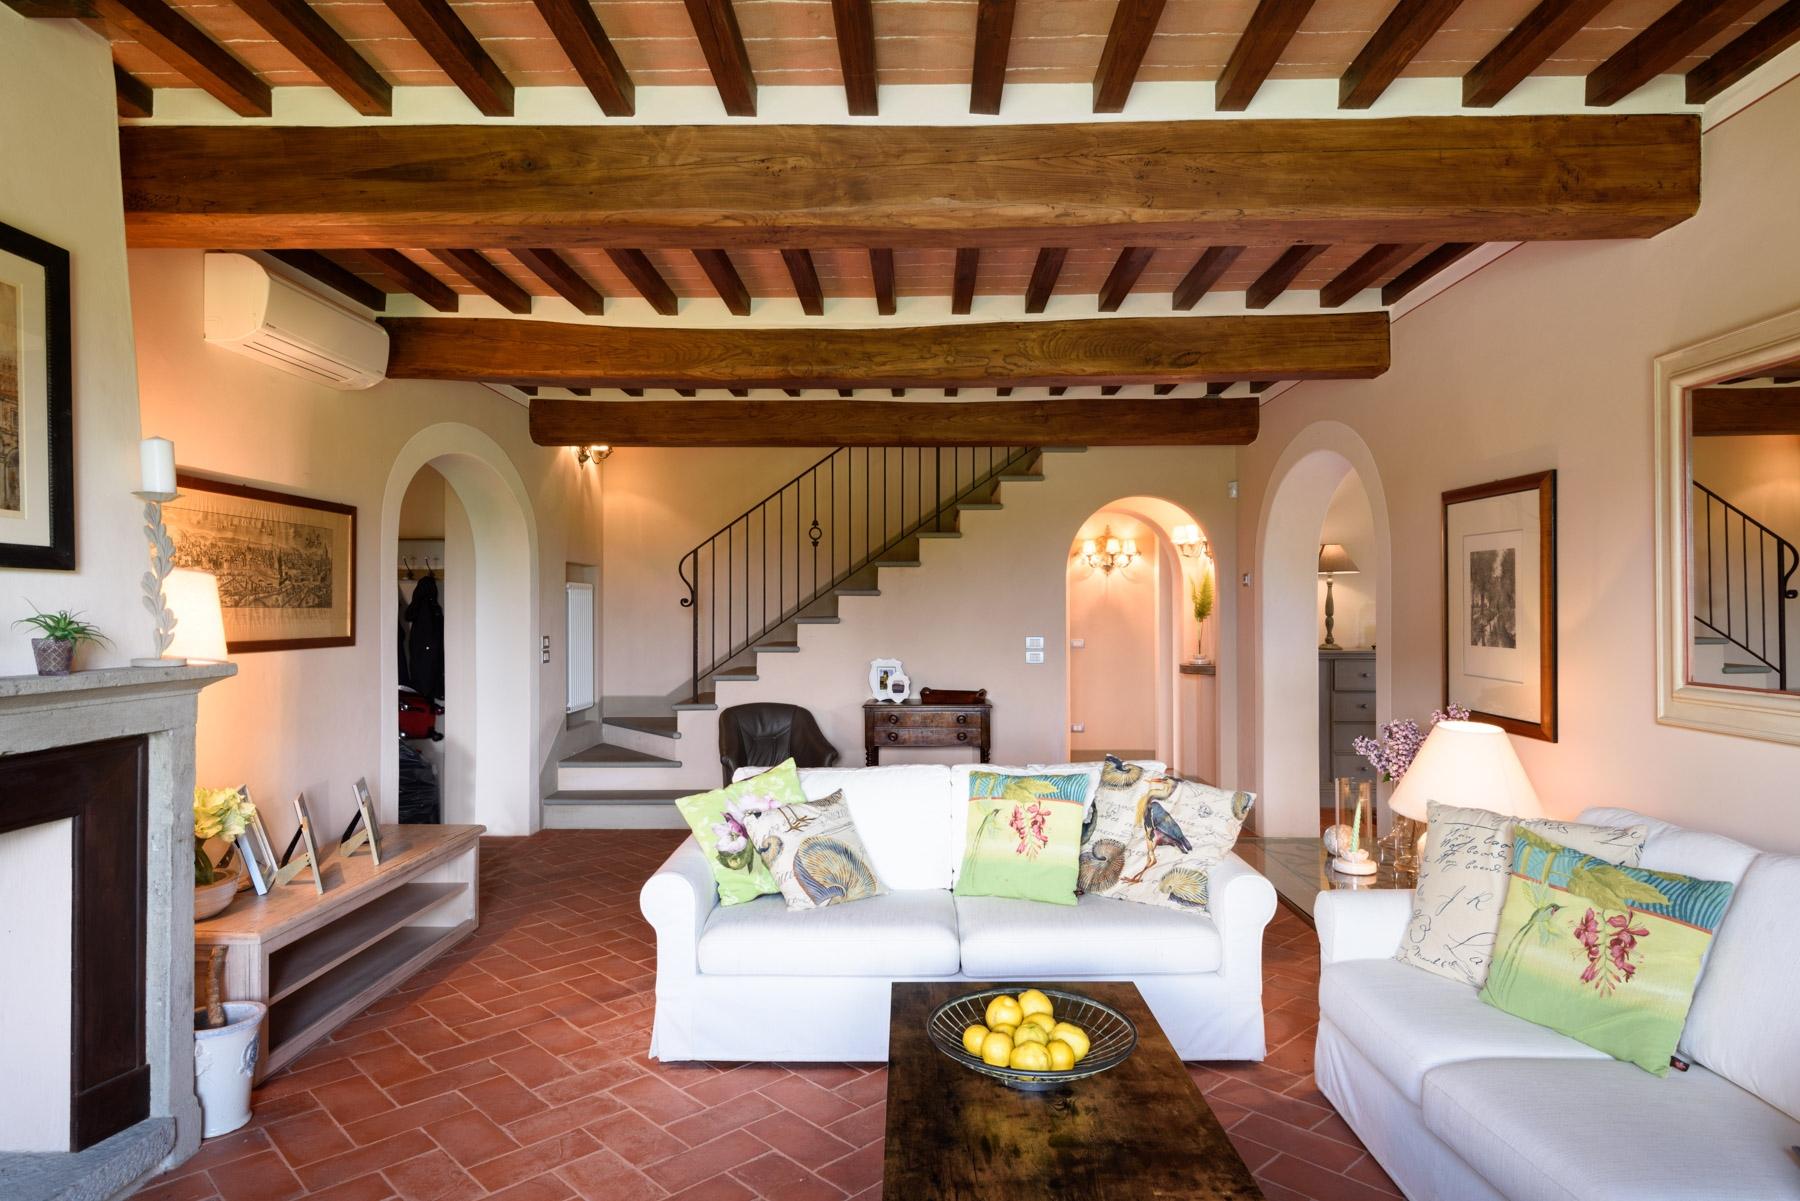 Villa in Vendita a Cortona: 5 locali, 246 mq - Foto 17